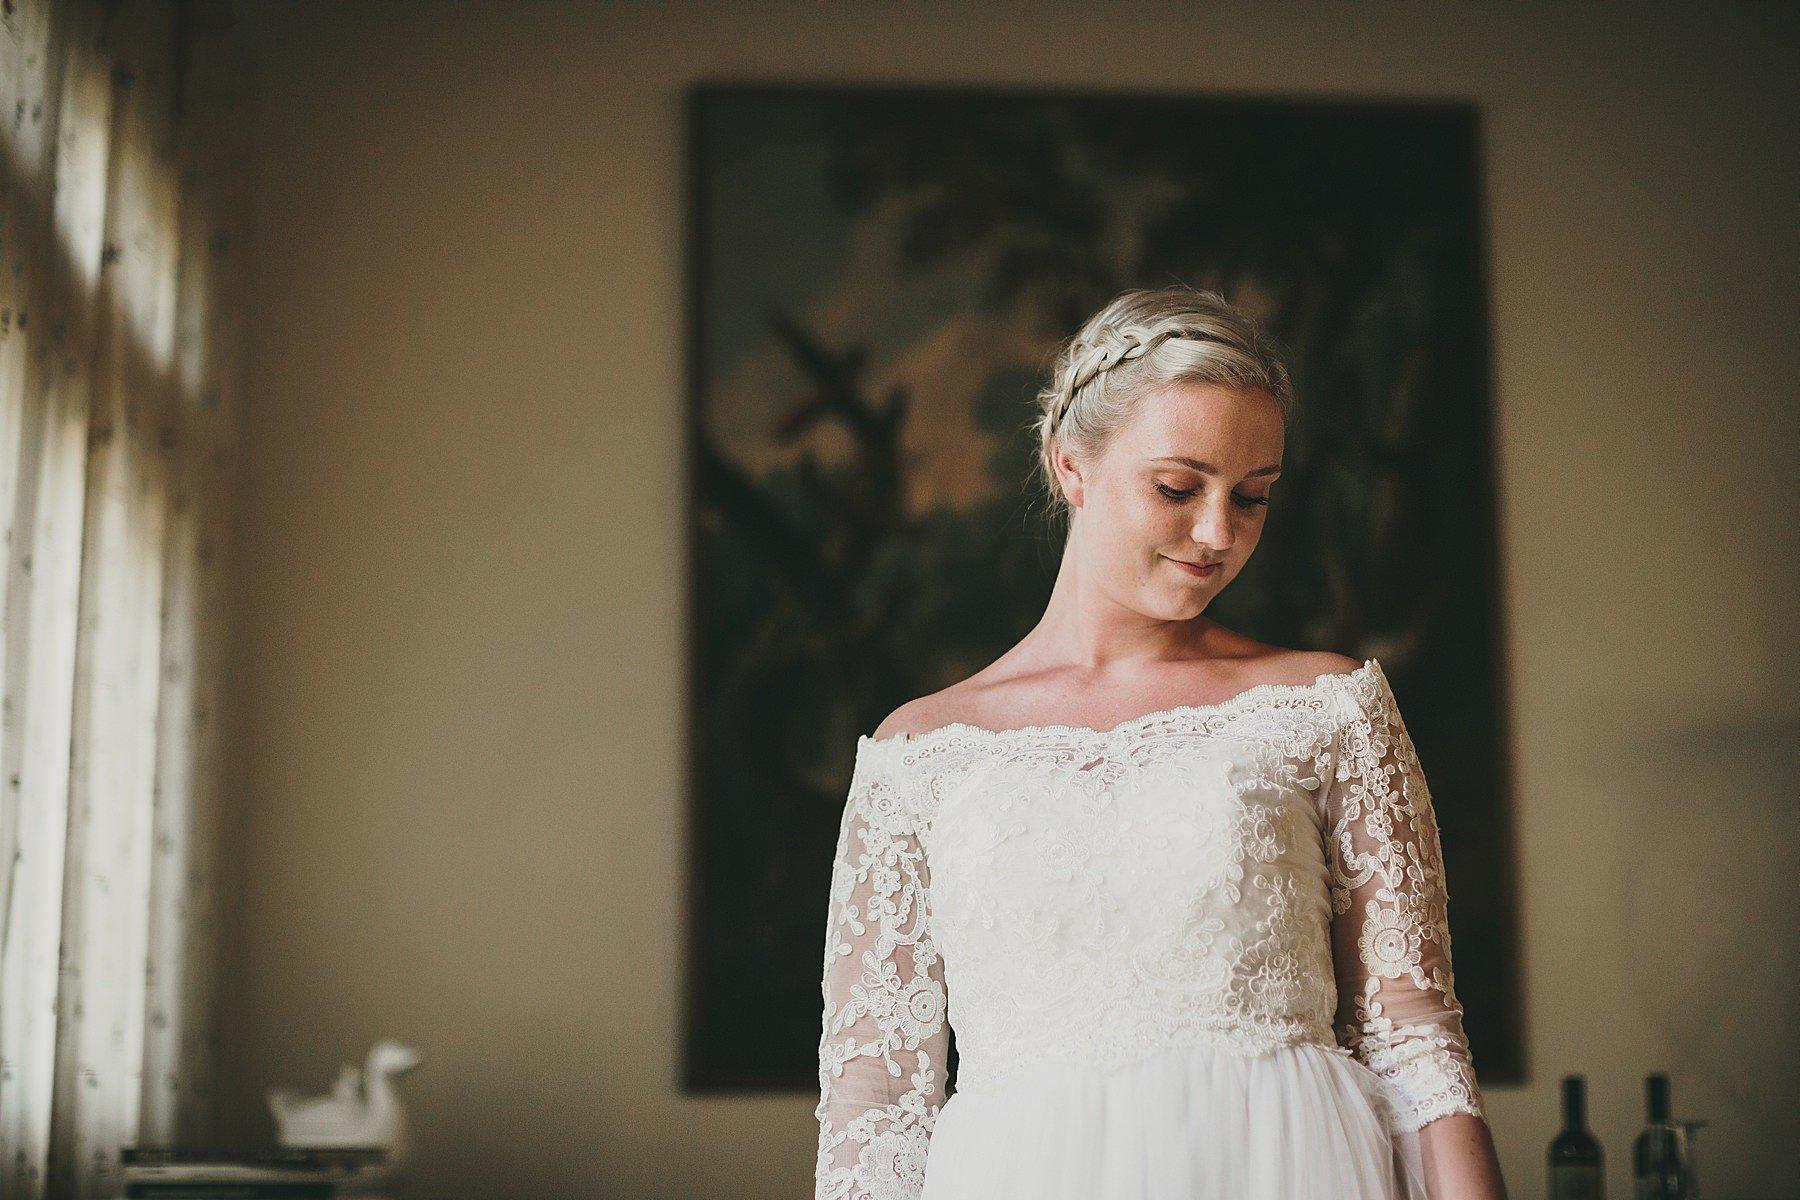 La bellezza della sposa emozionata prima della cerimonia